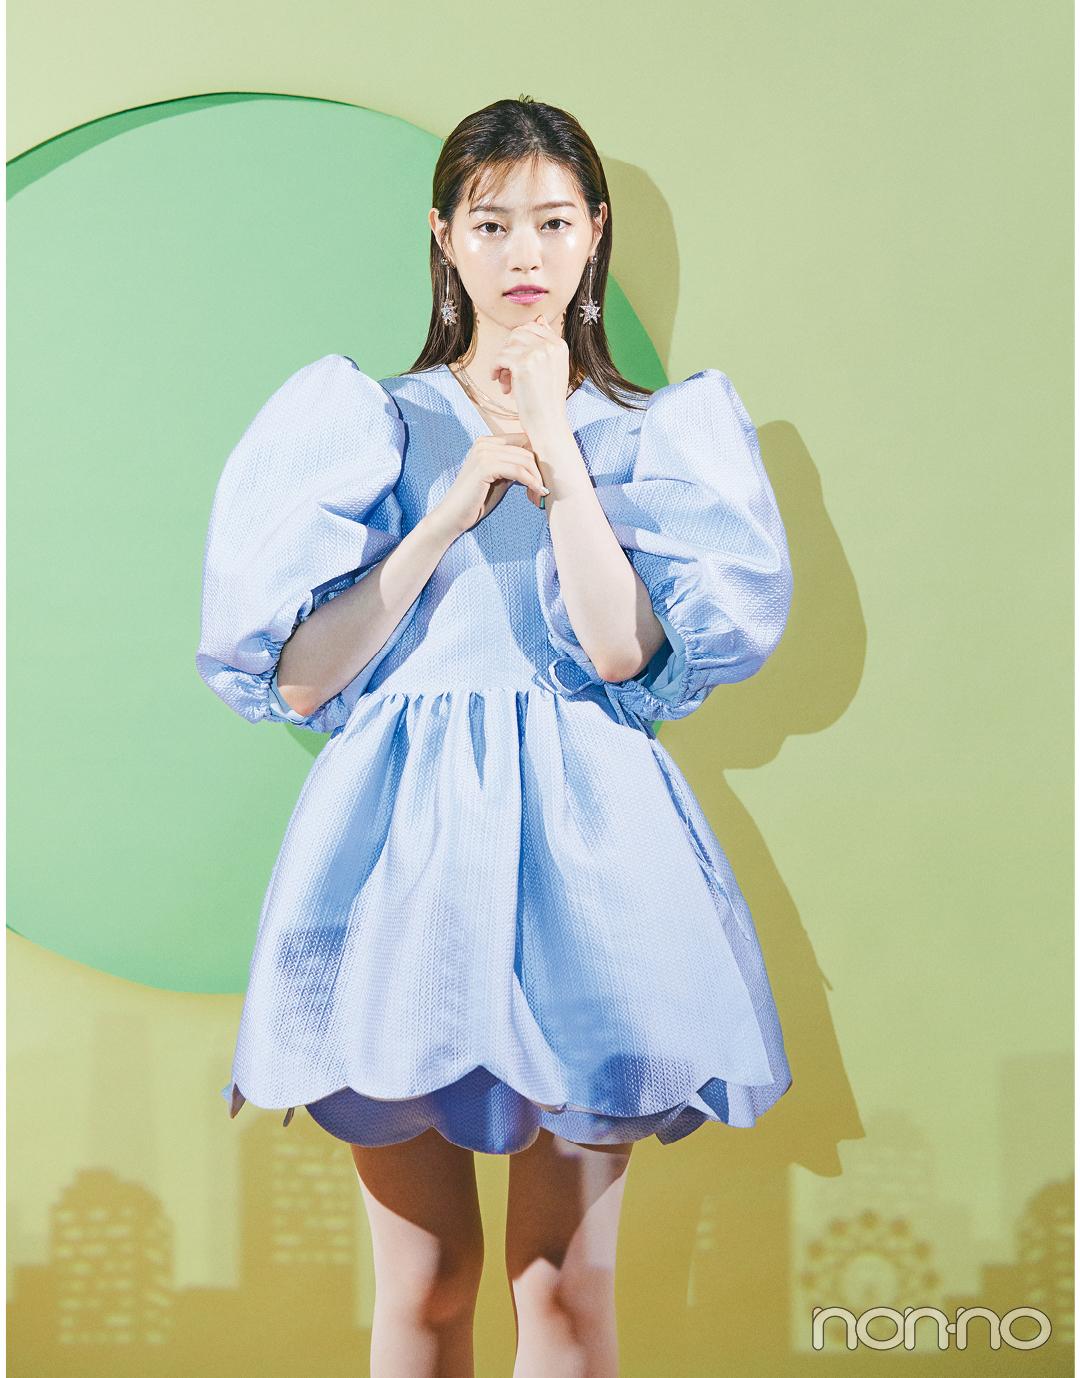 【西野七瀬のドレスでまちぶせ vol.1】DREAM sister janeのミニドレス_1_2